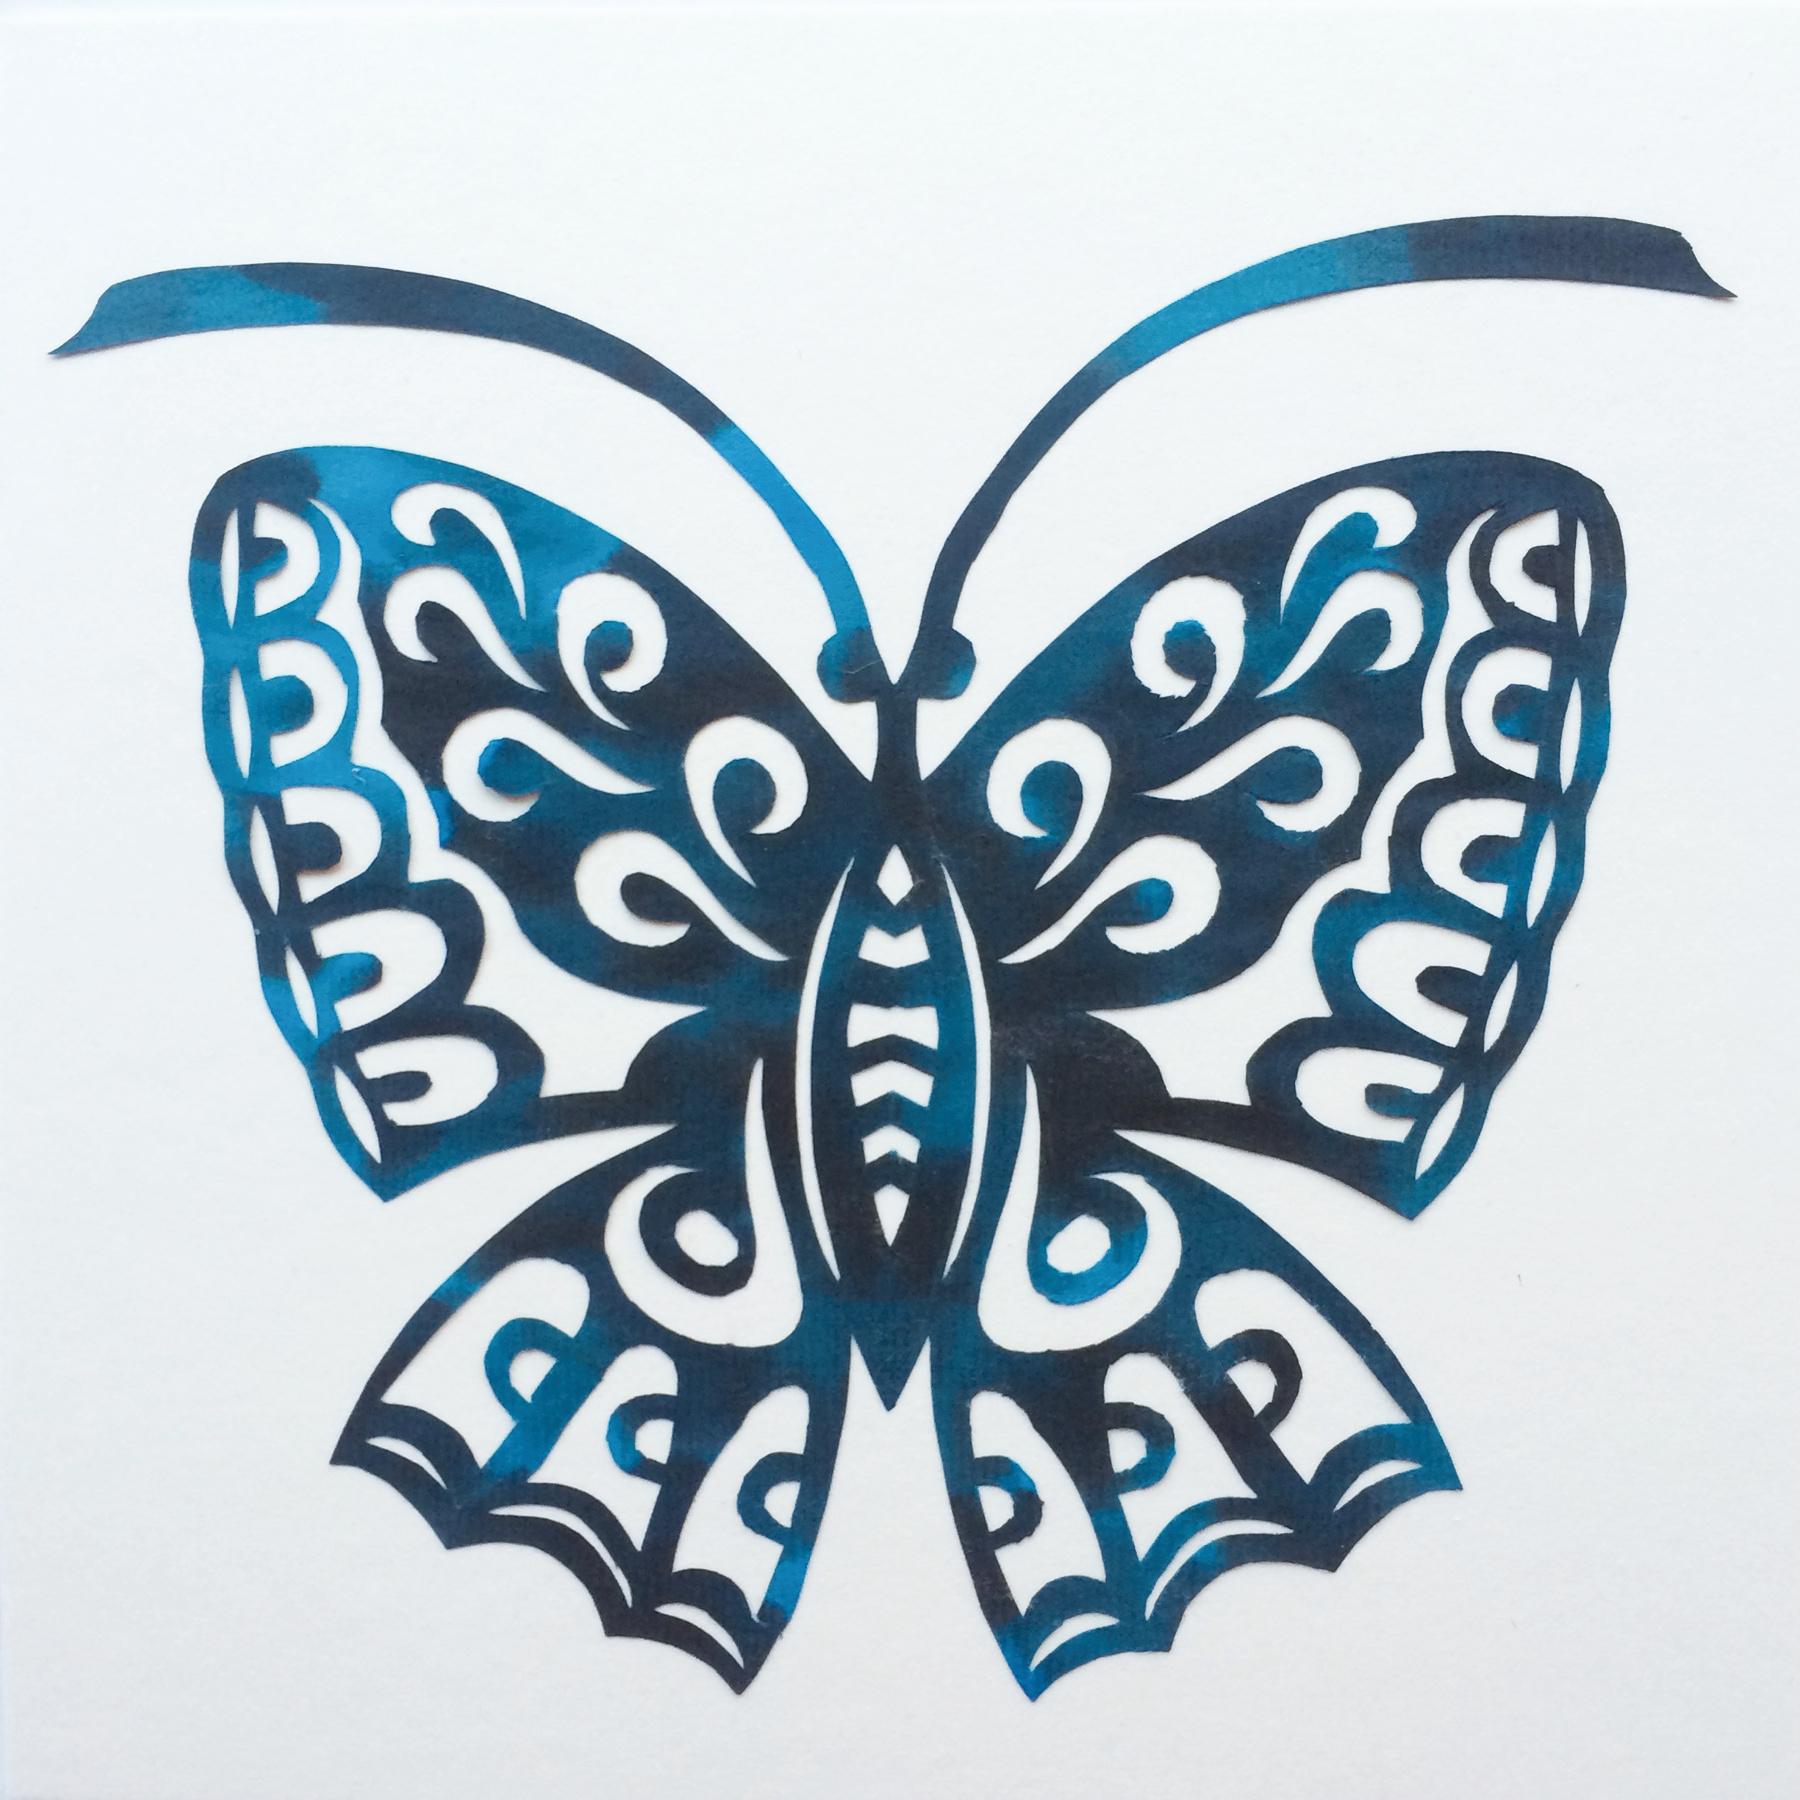 201703 Butterfly 15